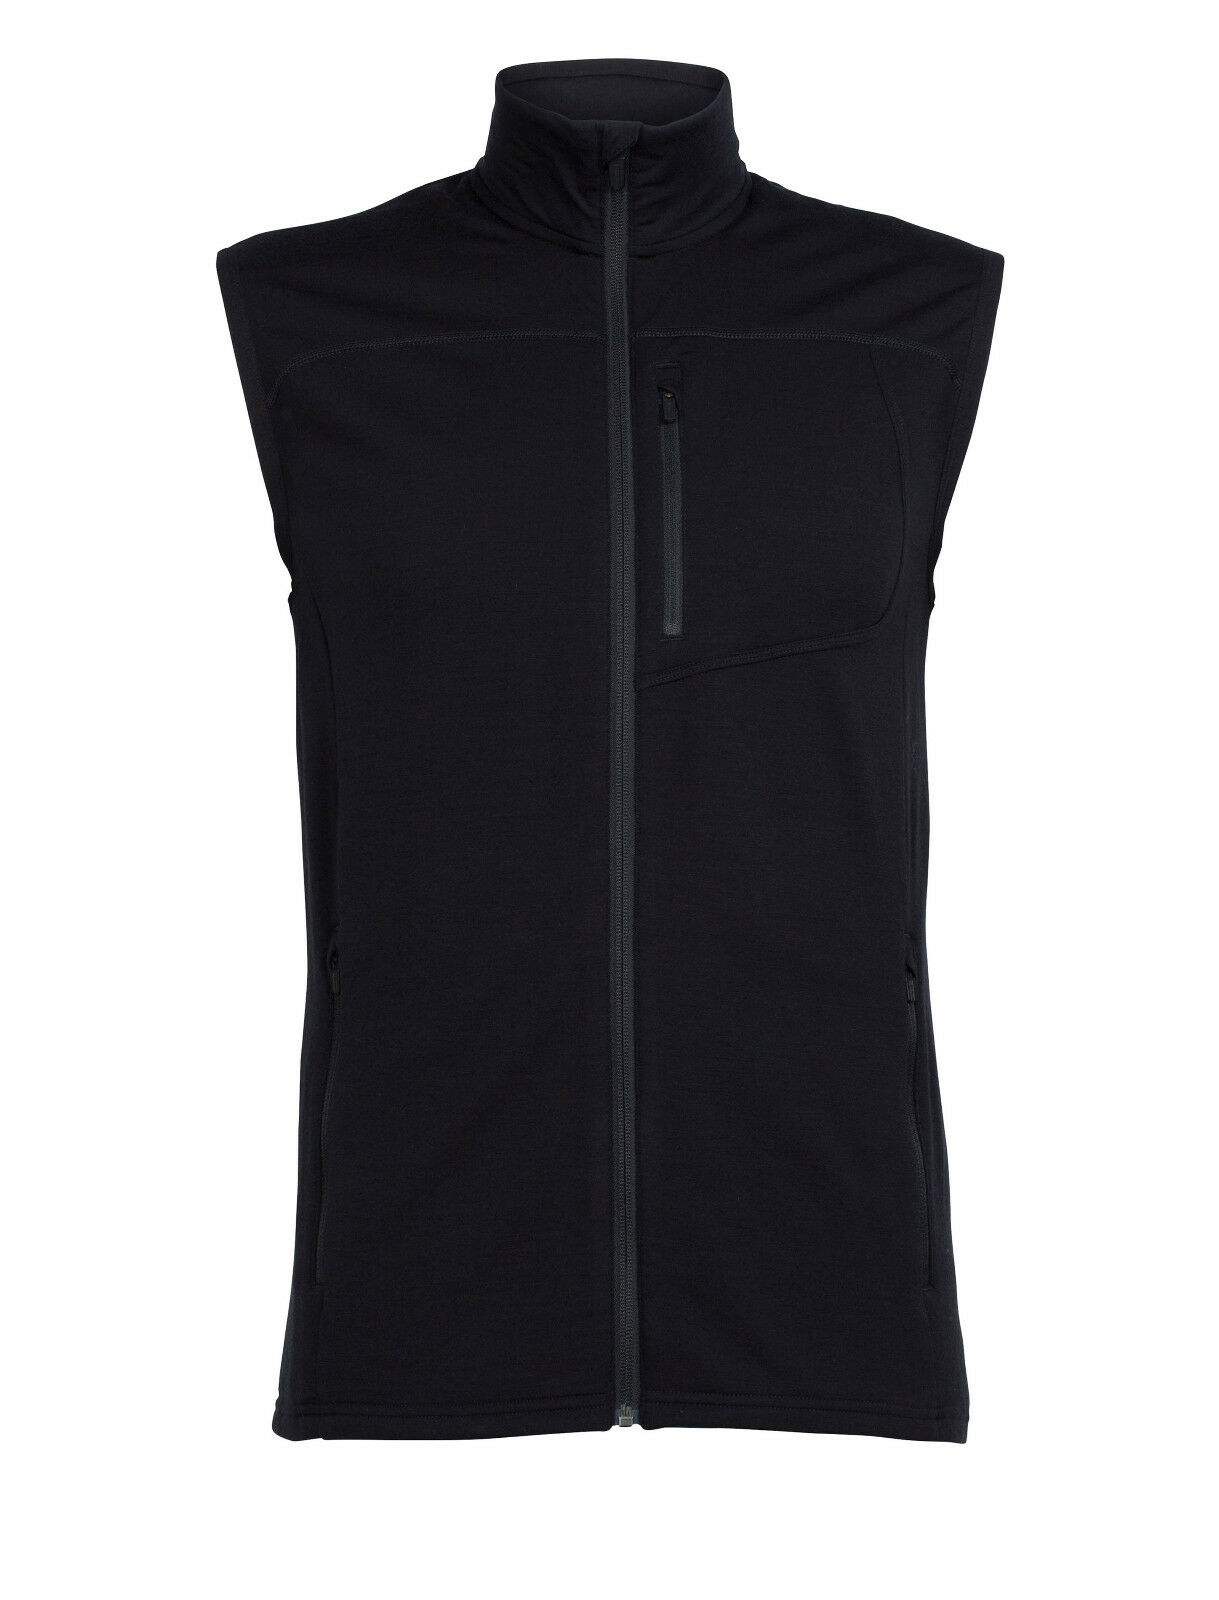 Icebreaker - Realfleece Mt Elliot Vest - Sports Vest Men's - 200 G M ² - Merino